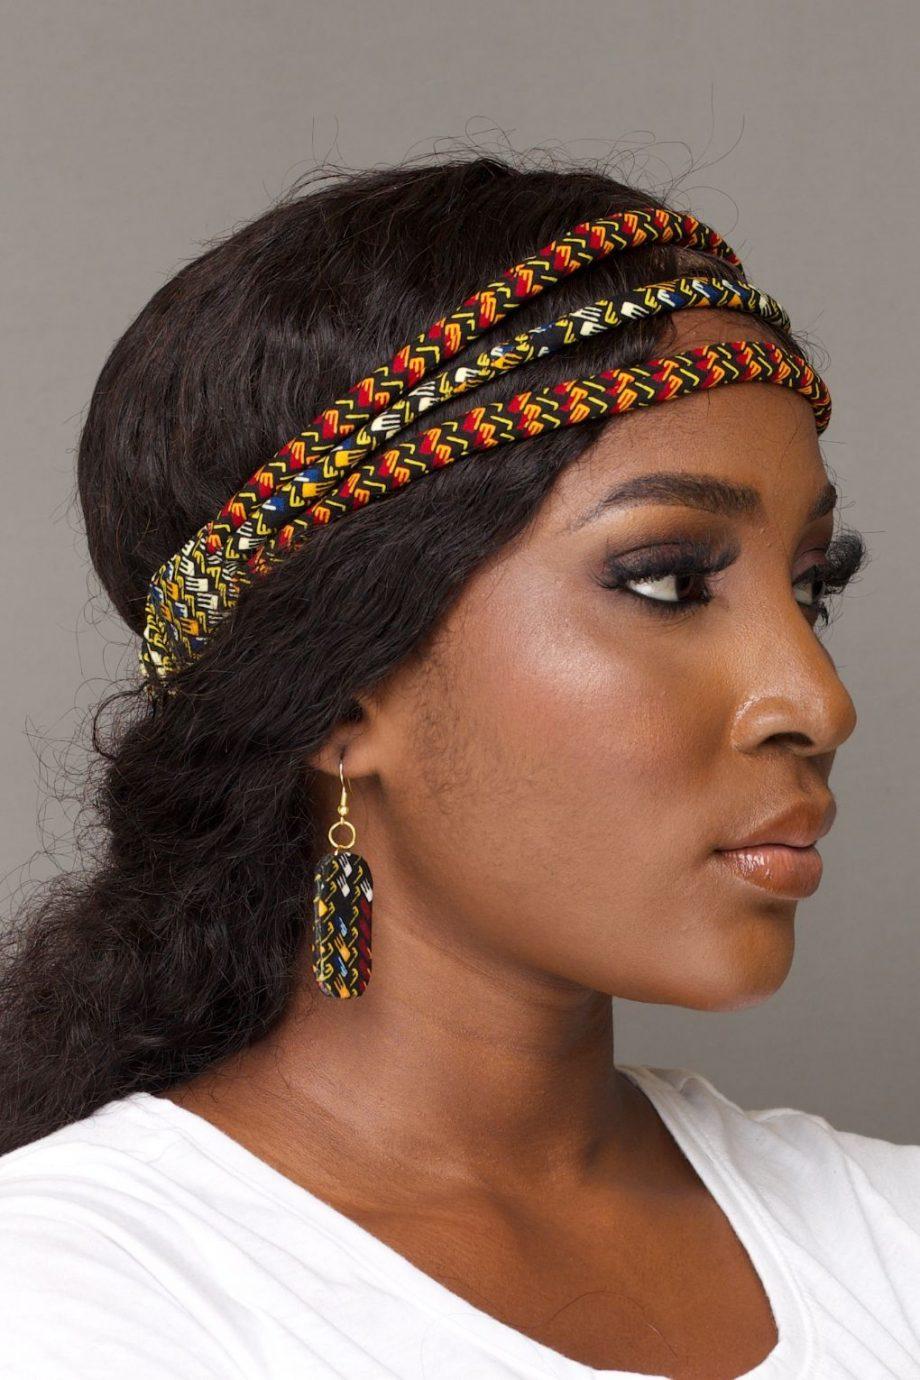 DELE Multi Row Ankara Headband by Naborhi